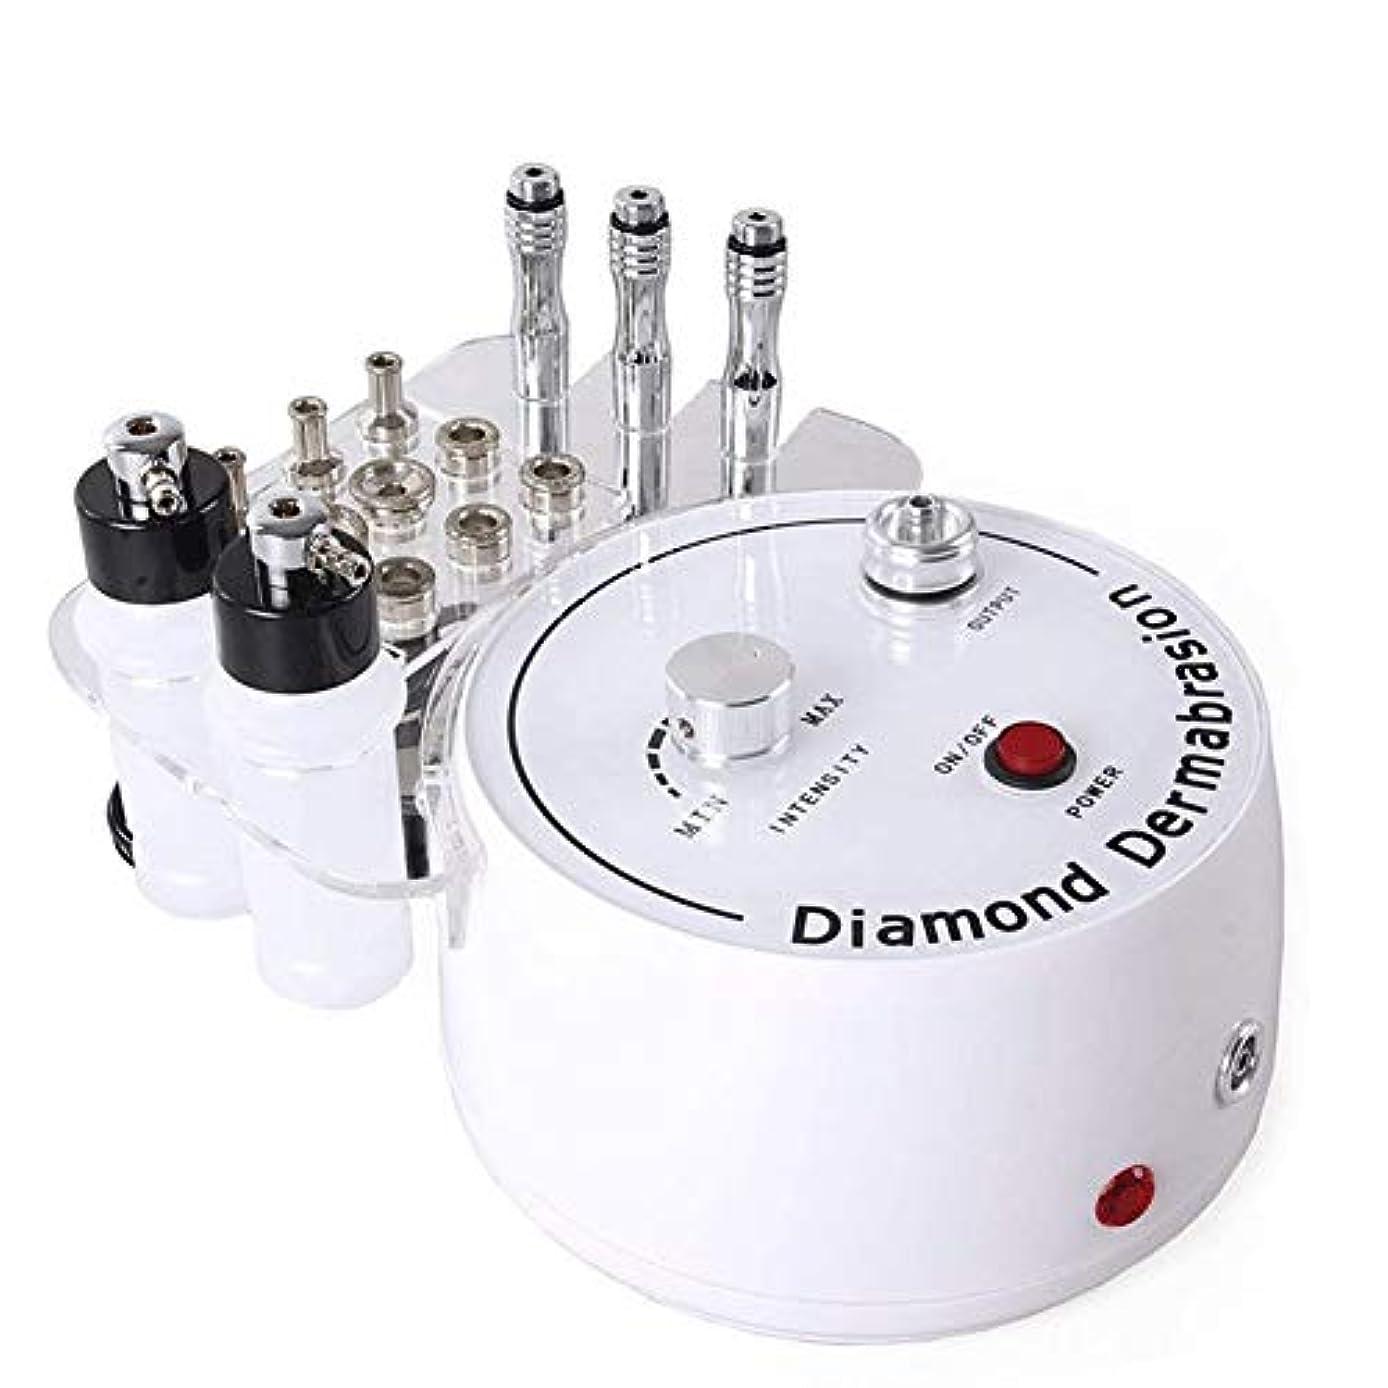 誘惑するワーム配管- 美容機、ダイヤモンドマイクロダーマブレーション皮膚剥離機ウォーターピーリング美容機しわフェイスピーリングマシンスプレー